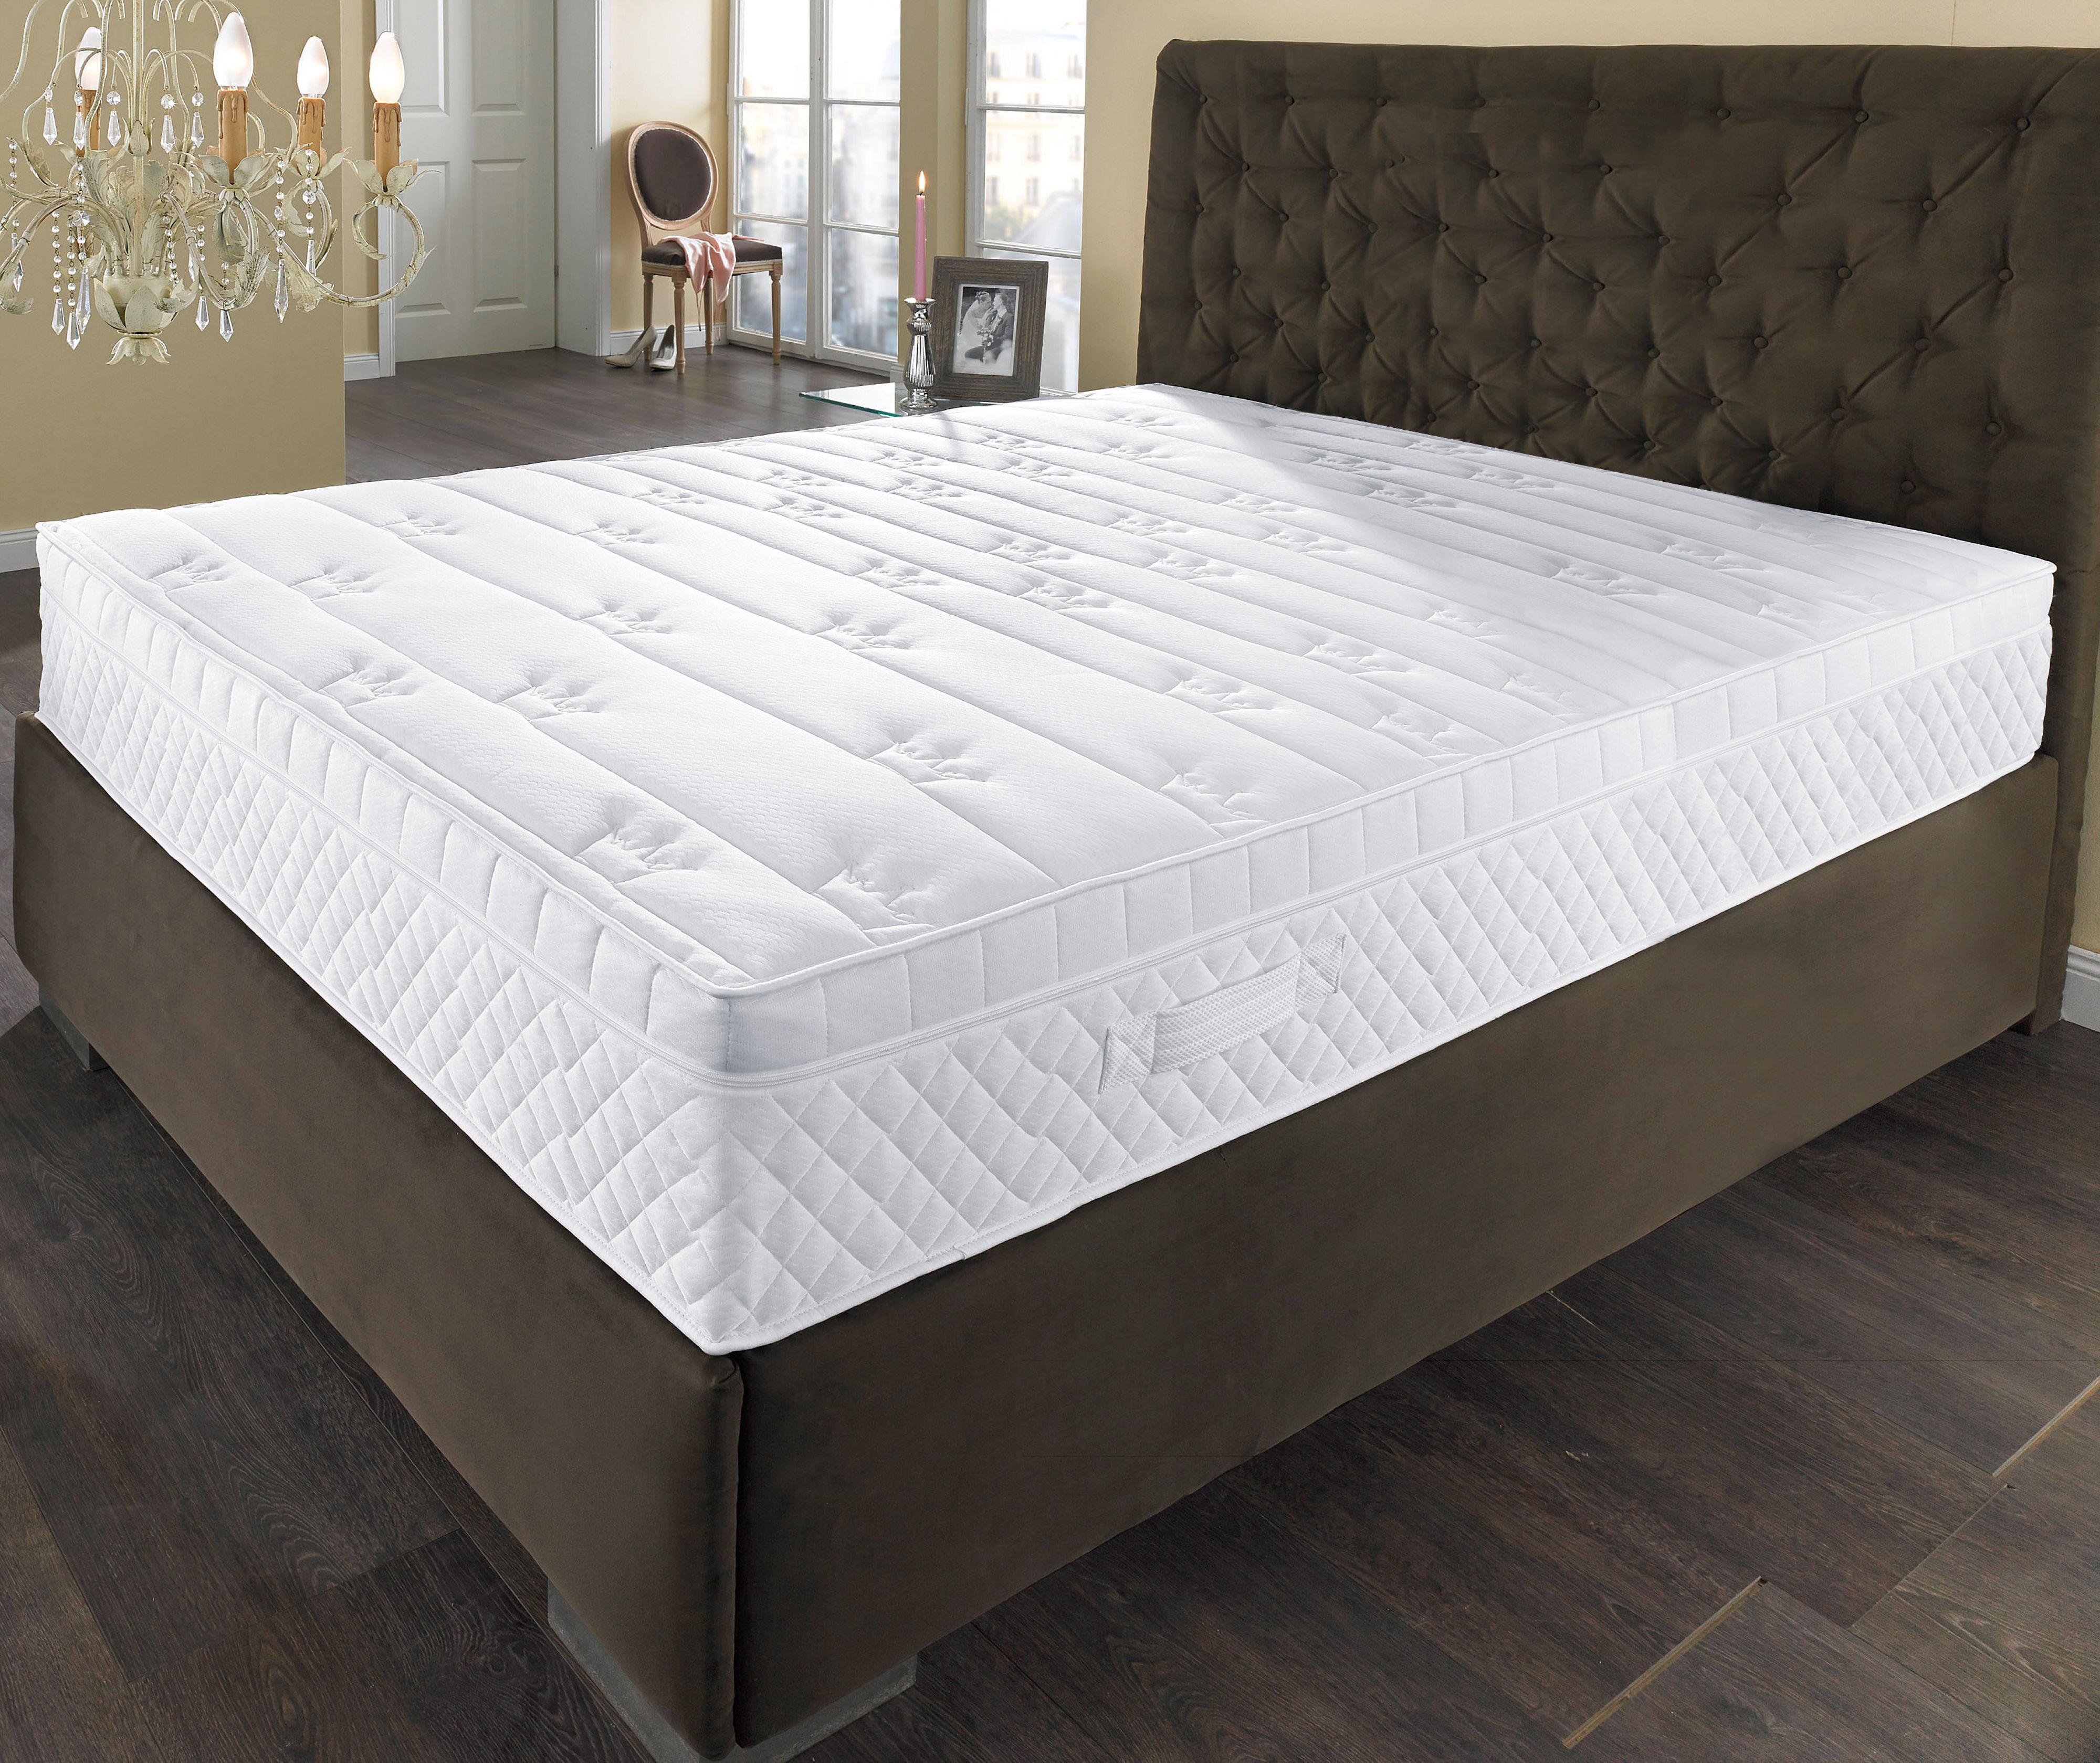 boxspring taschenfederkernmatratze meike malie kaufen schlafwelt. Black Bedroom Furniture Sets. Home Design Ideas